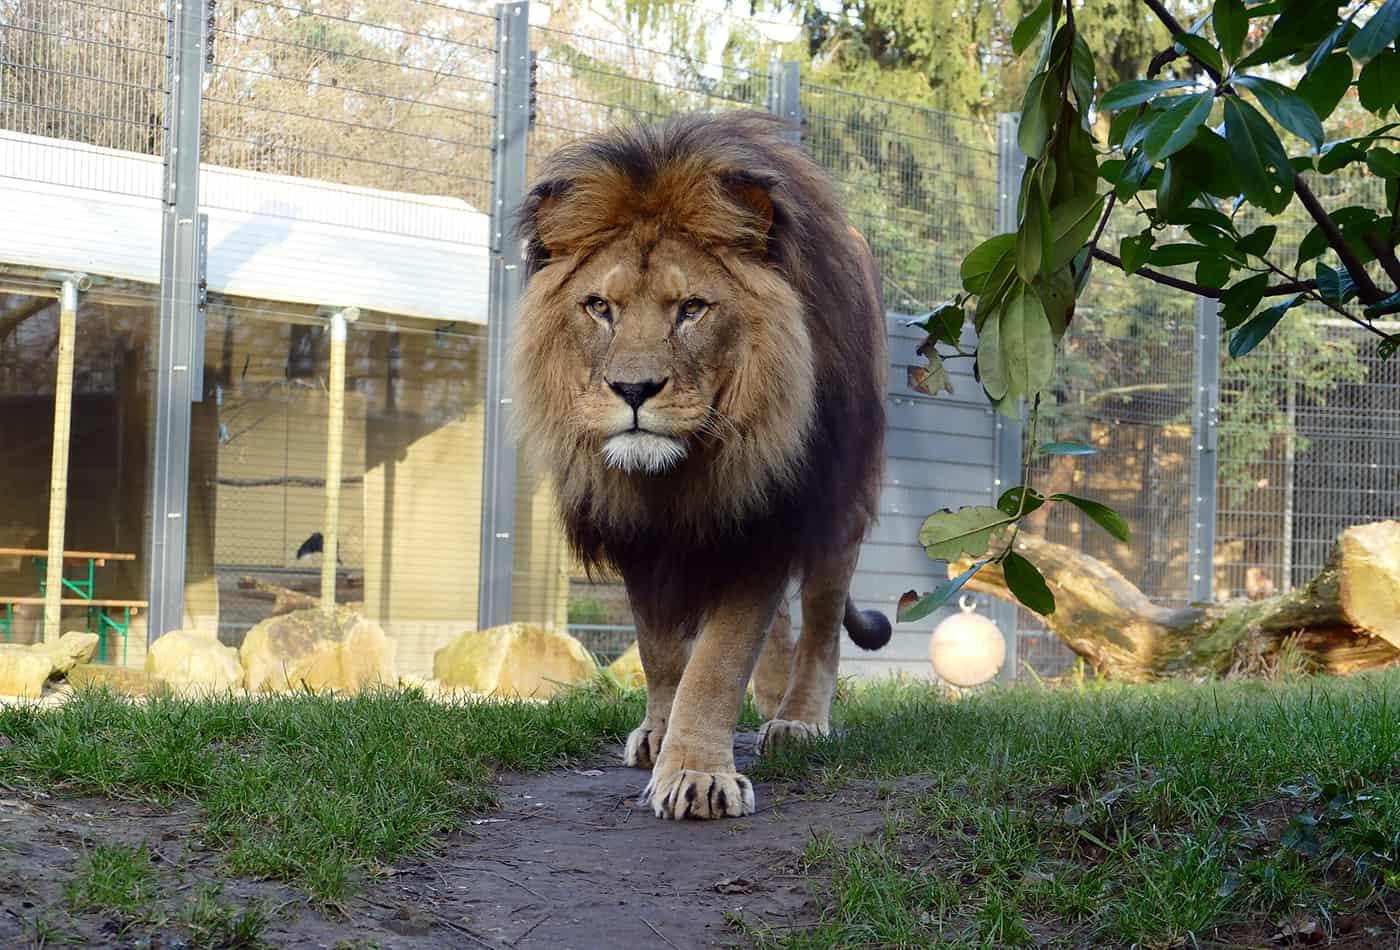 Berberlöwe im Zoo Heidelberg (Foto: Petra Medan/Zoo Heidelberg)